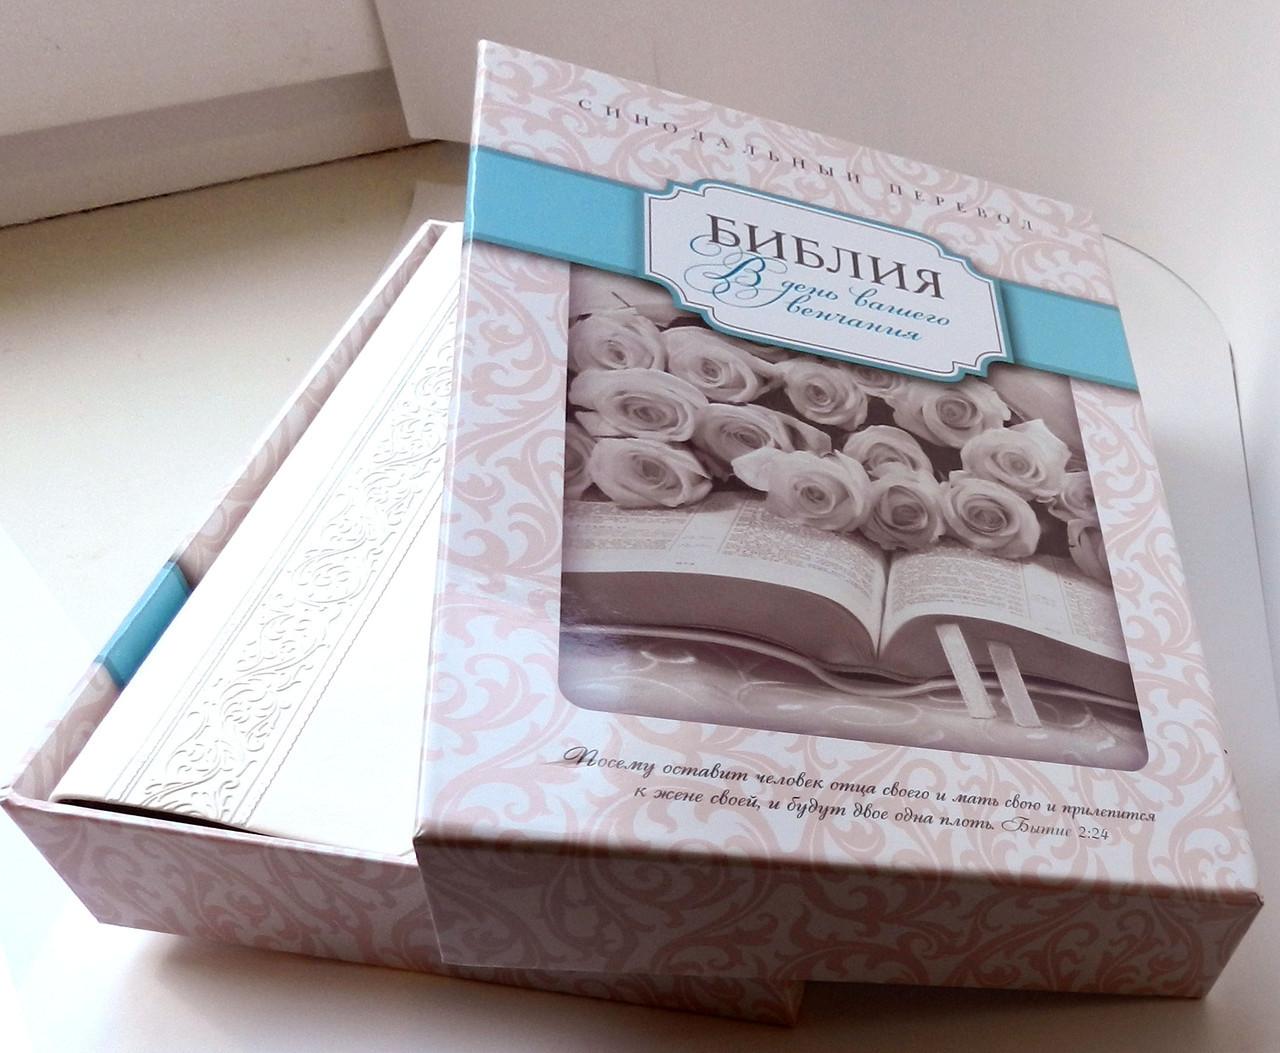 Подарочная Библия в день вашего венчания, 17х24,5 см, белая